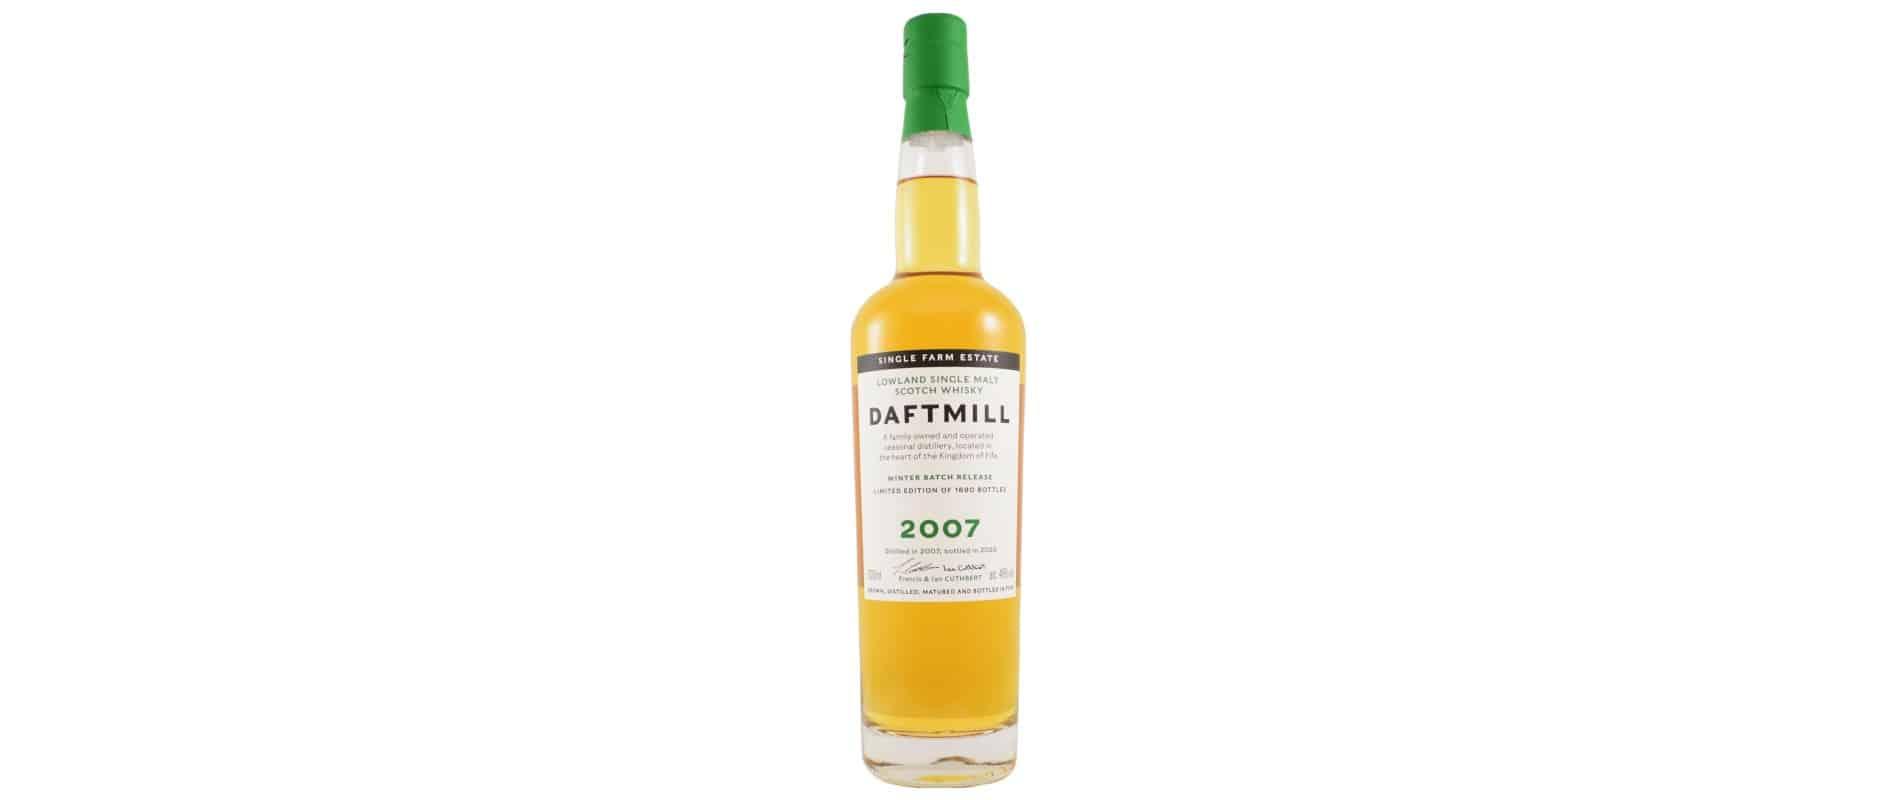 daftmill 2007 12yo winter batch release